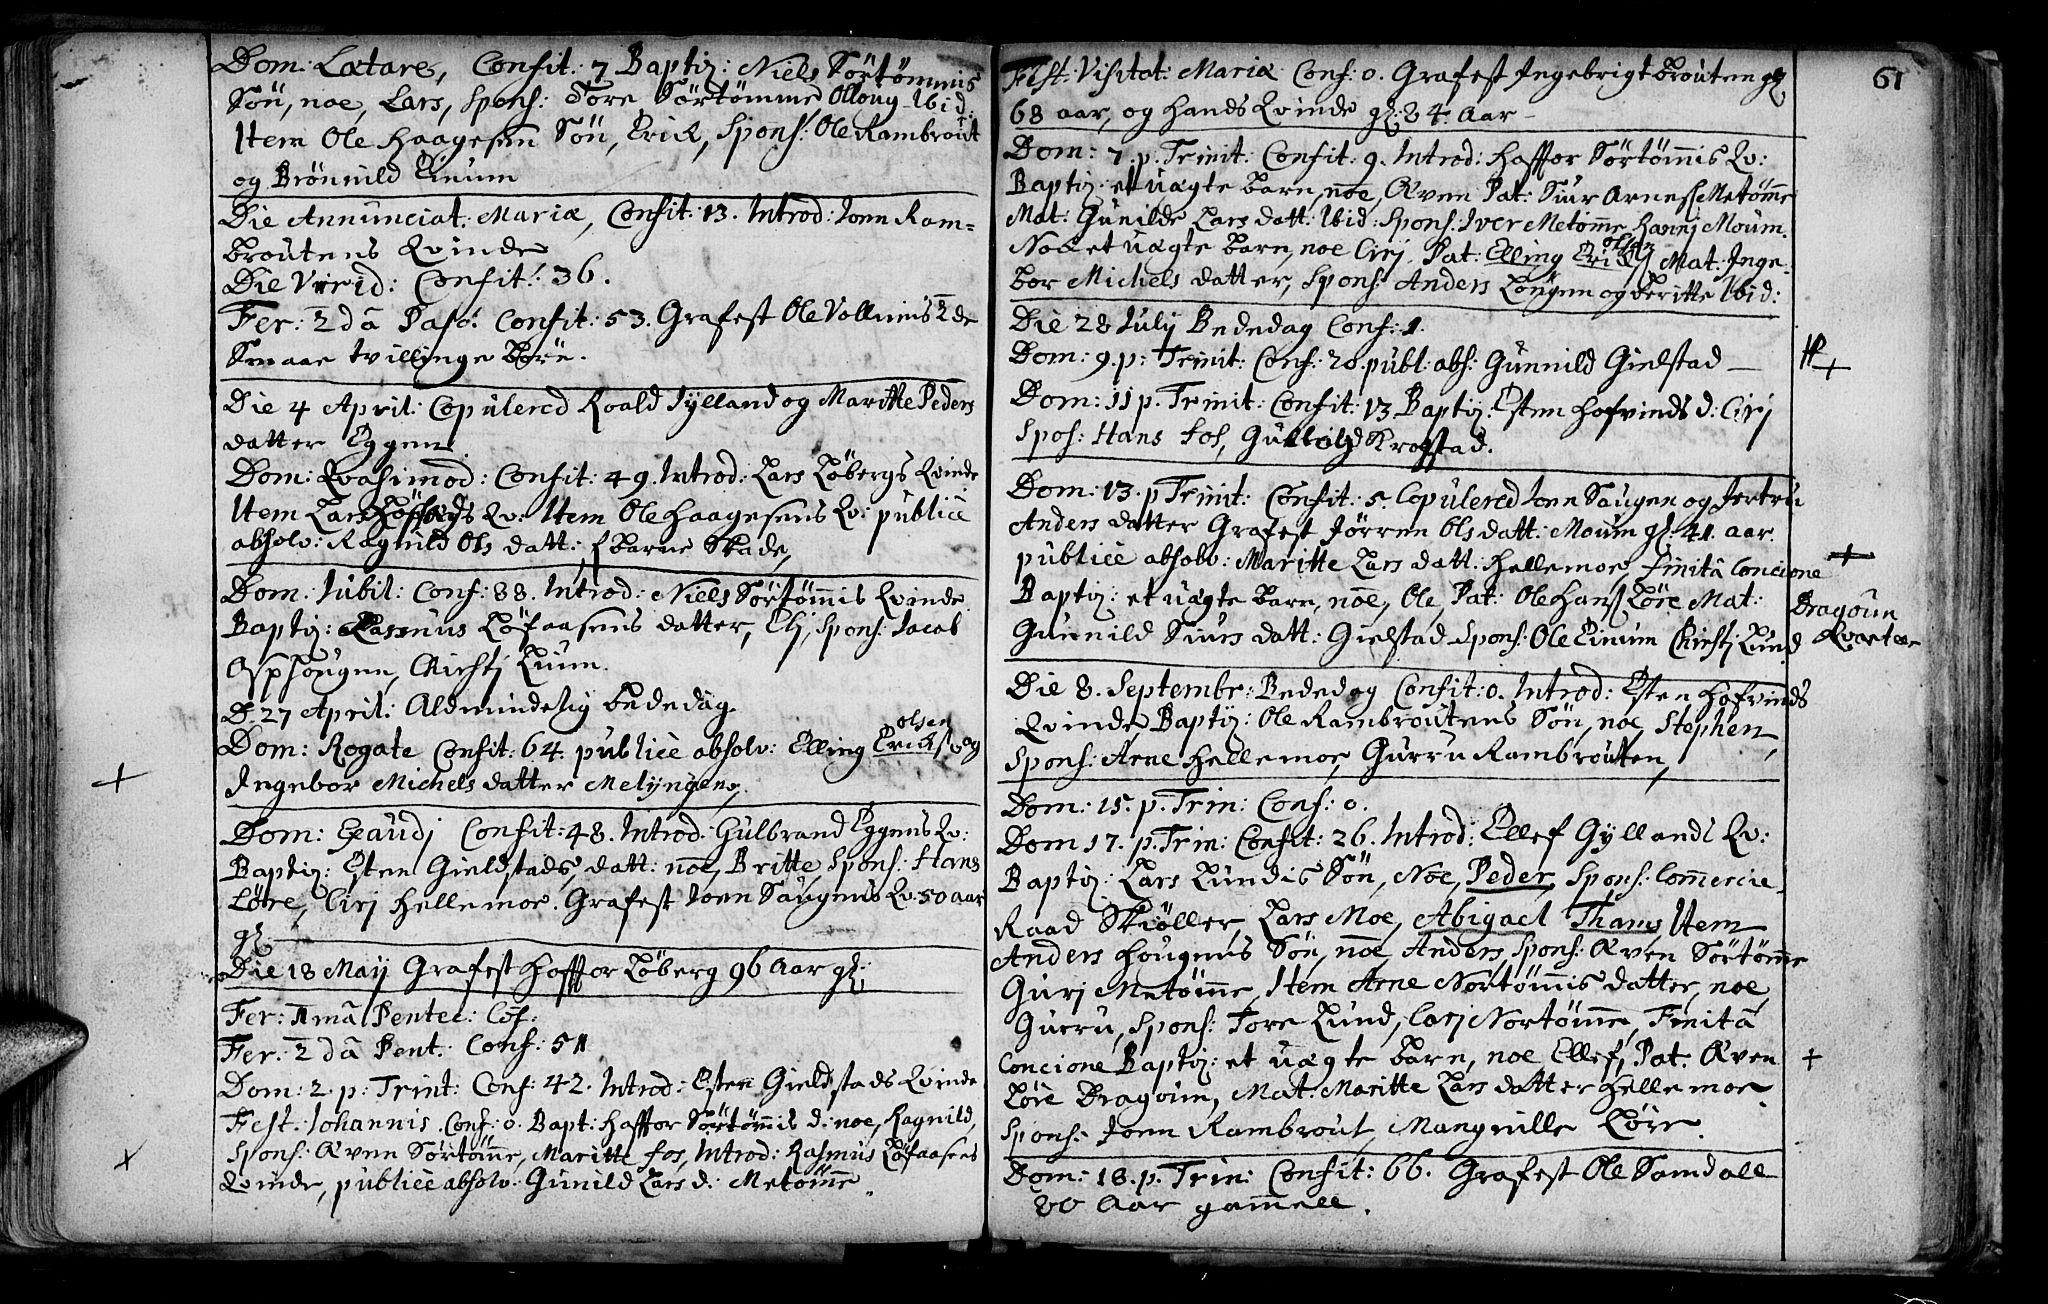 SAT, Ministerialprotokoller, klokkerbøker og fødselsregistre - Sør-Trøndelag, 692/L1101: Ministerialbok nr. 692A01, 1690-1746, s. 61